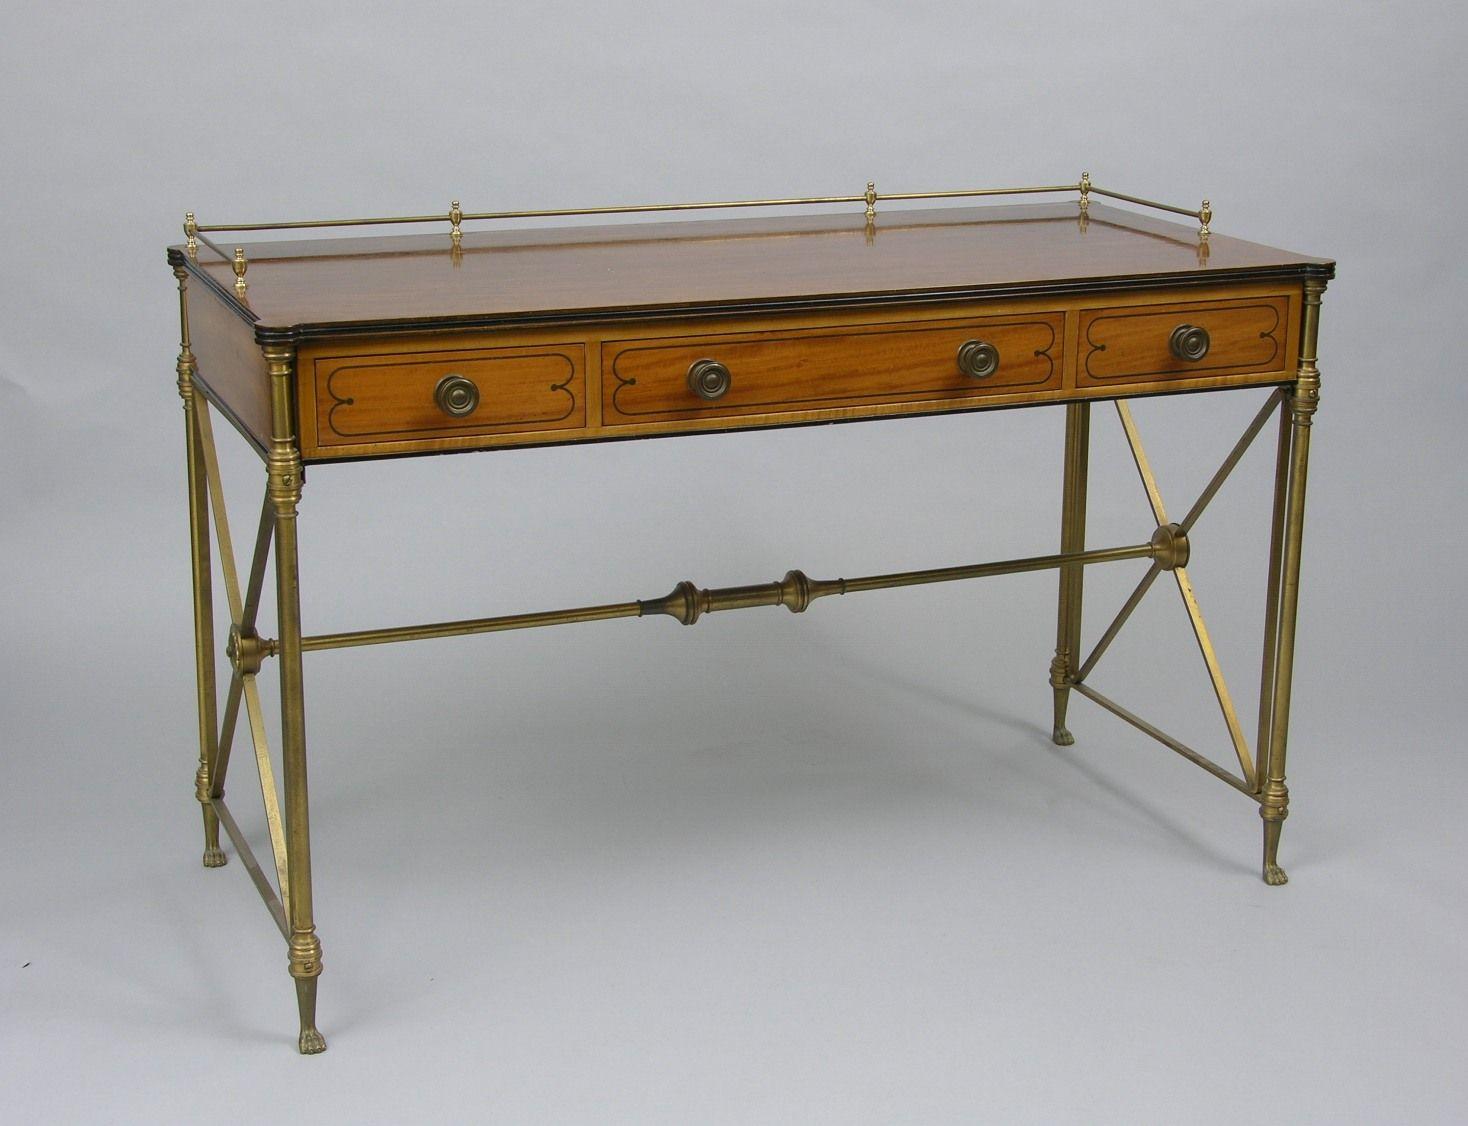 vintage campaign desk | 441. A Vintage Kittinger Campaign Desk - Vintage Campaign Desk 441. A Vintage Kittinger Campaign Desk